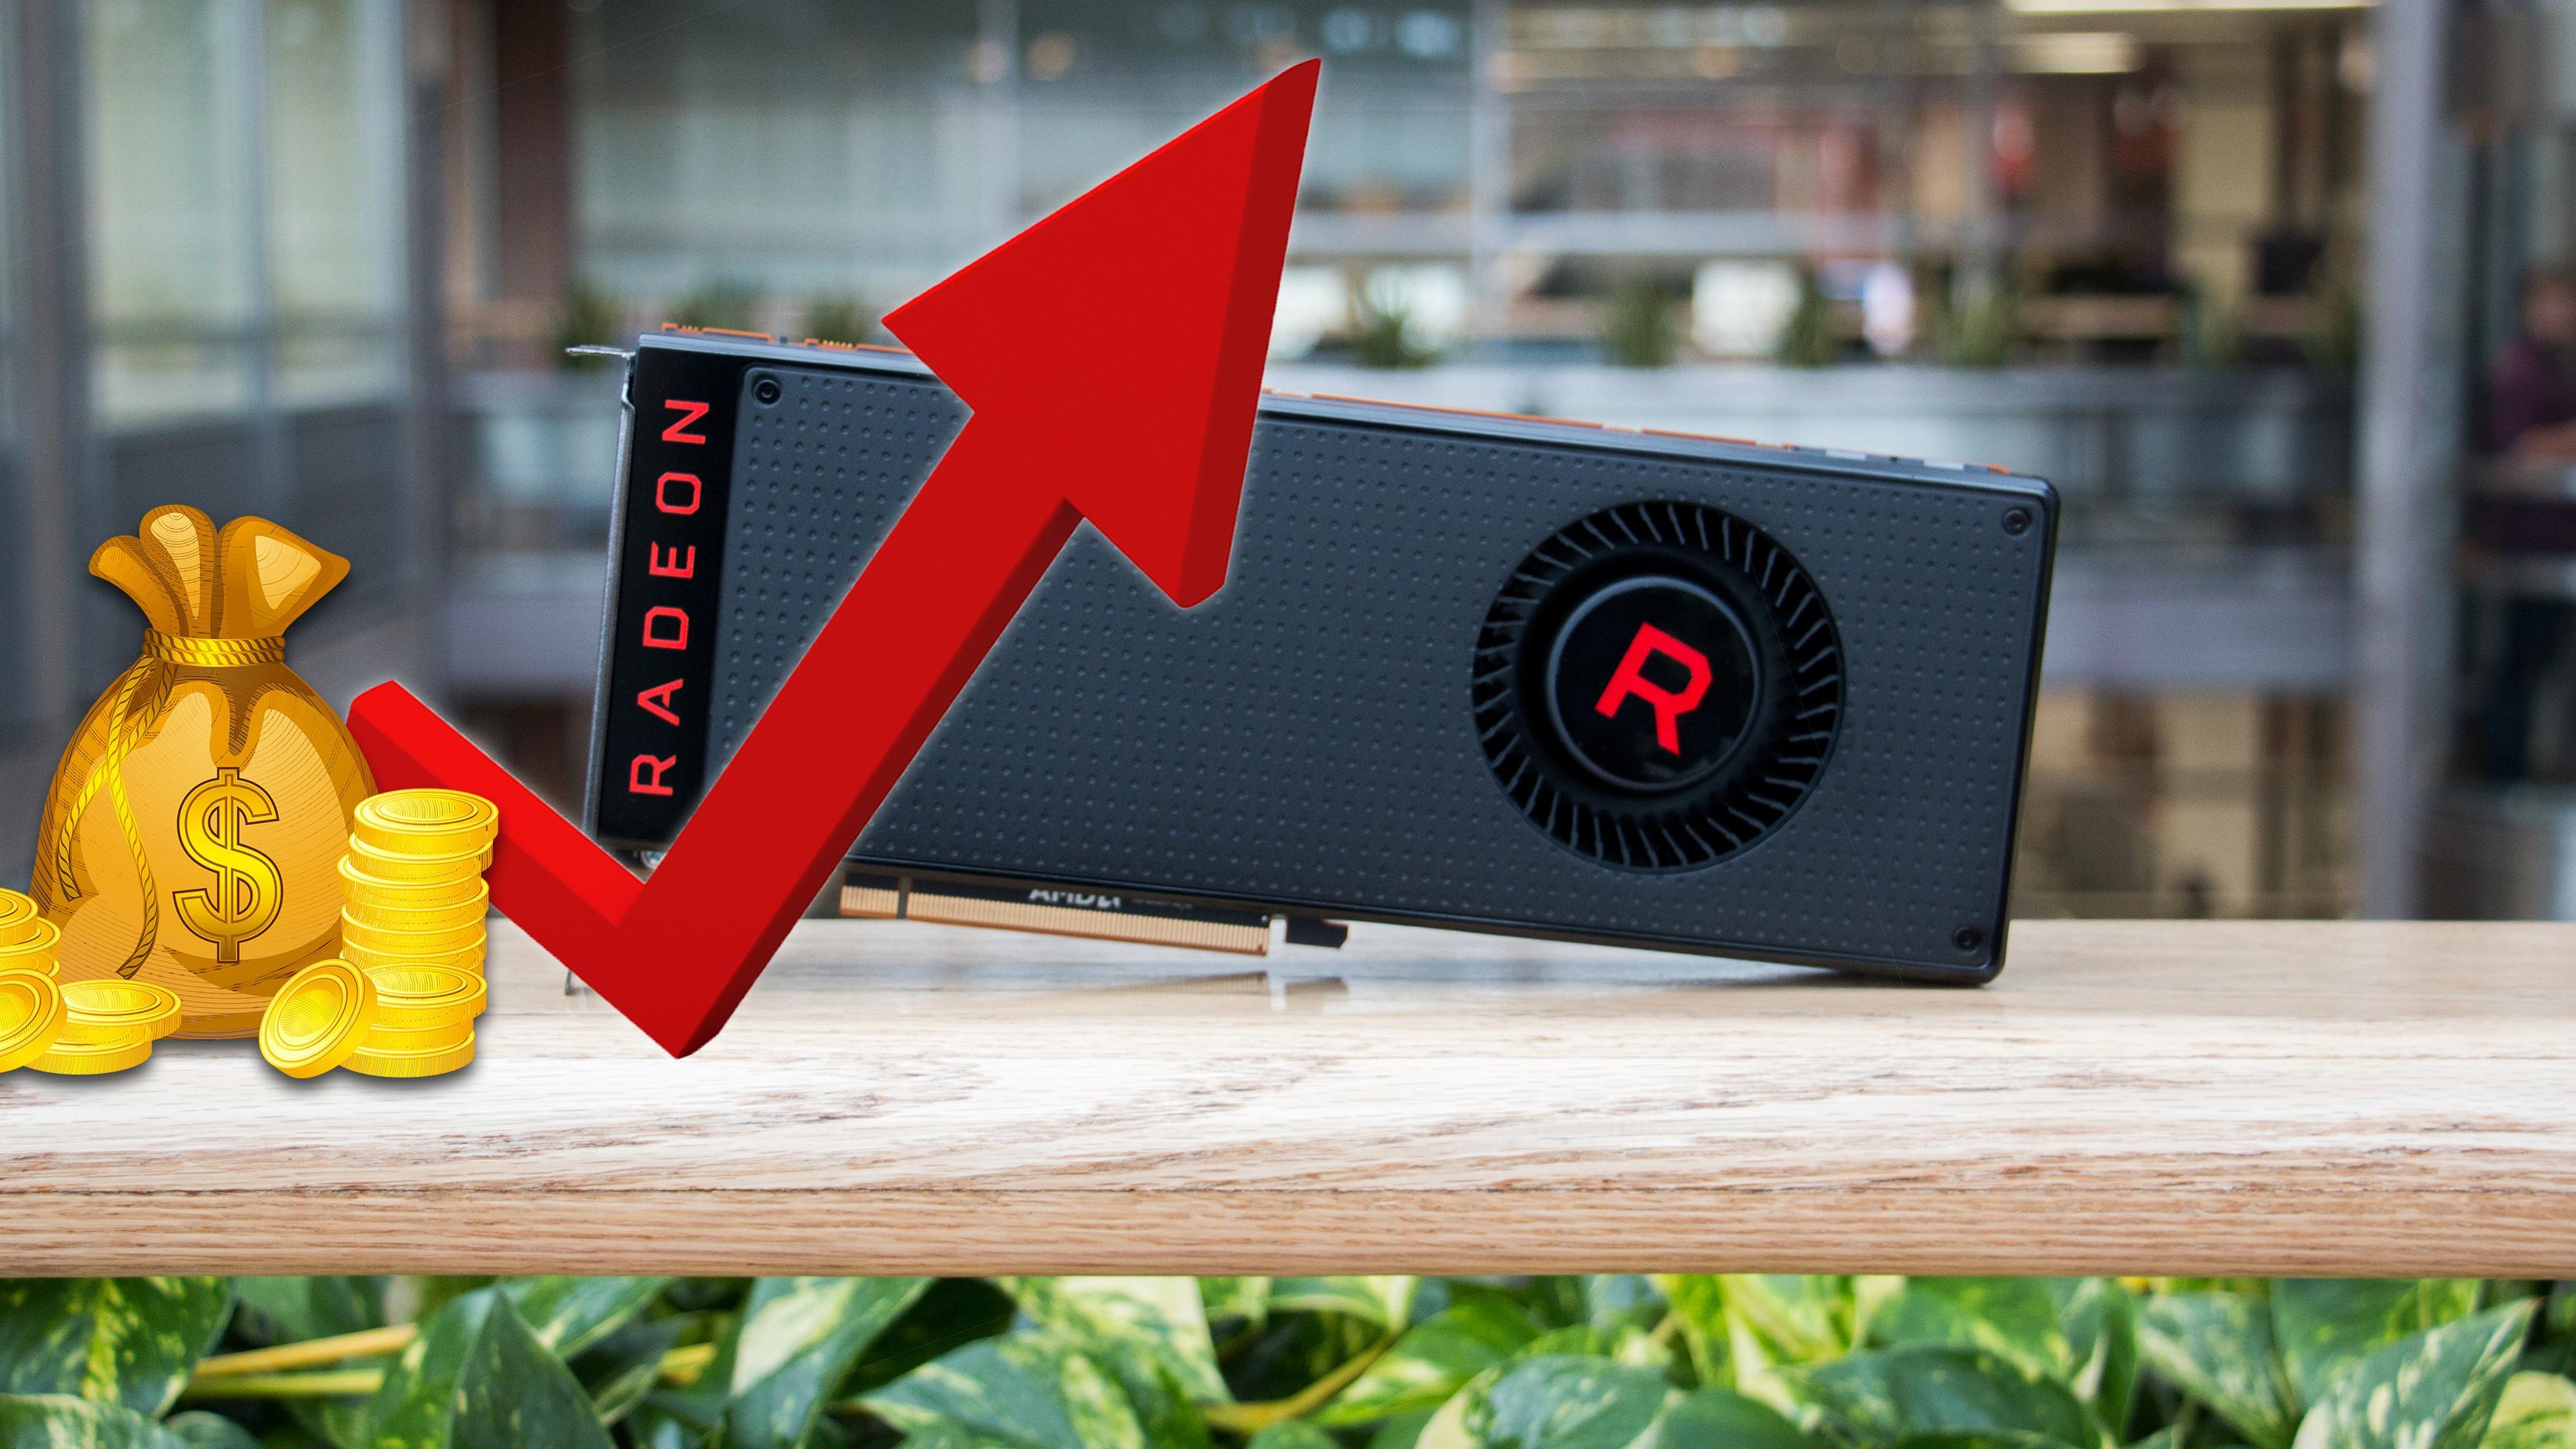 AMDs nye toppmodell kostet 4999 kroner i ett døgn i Norge. Nå øker prisen med 1000 kroner